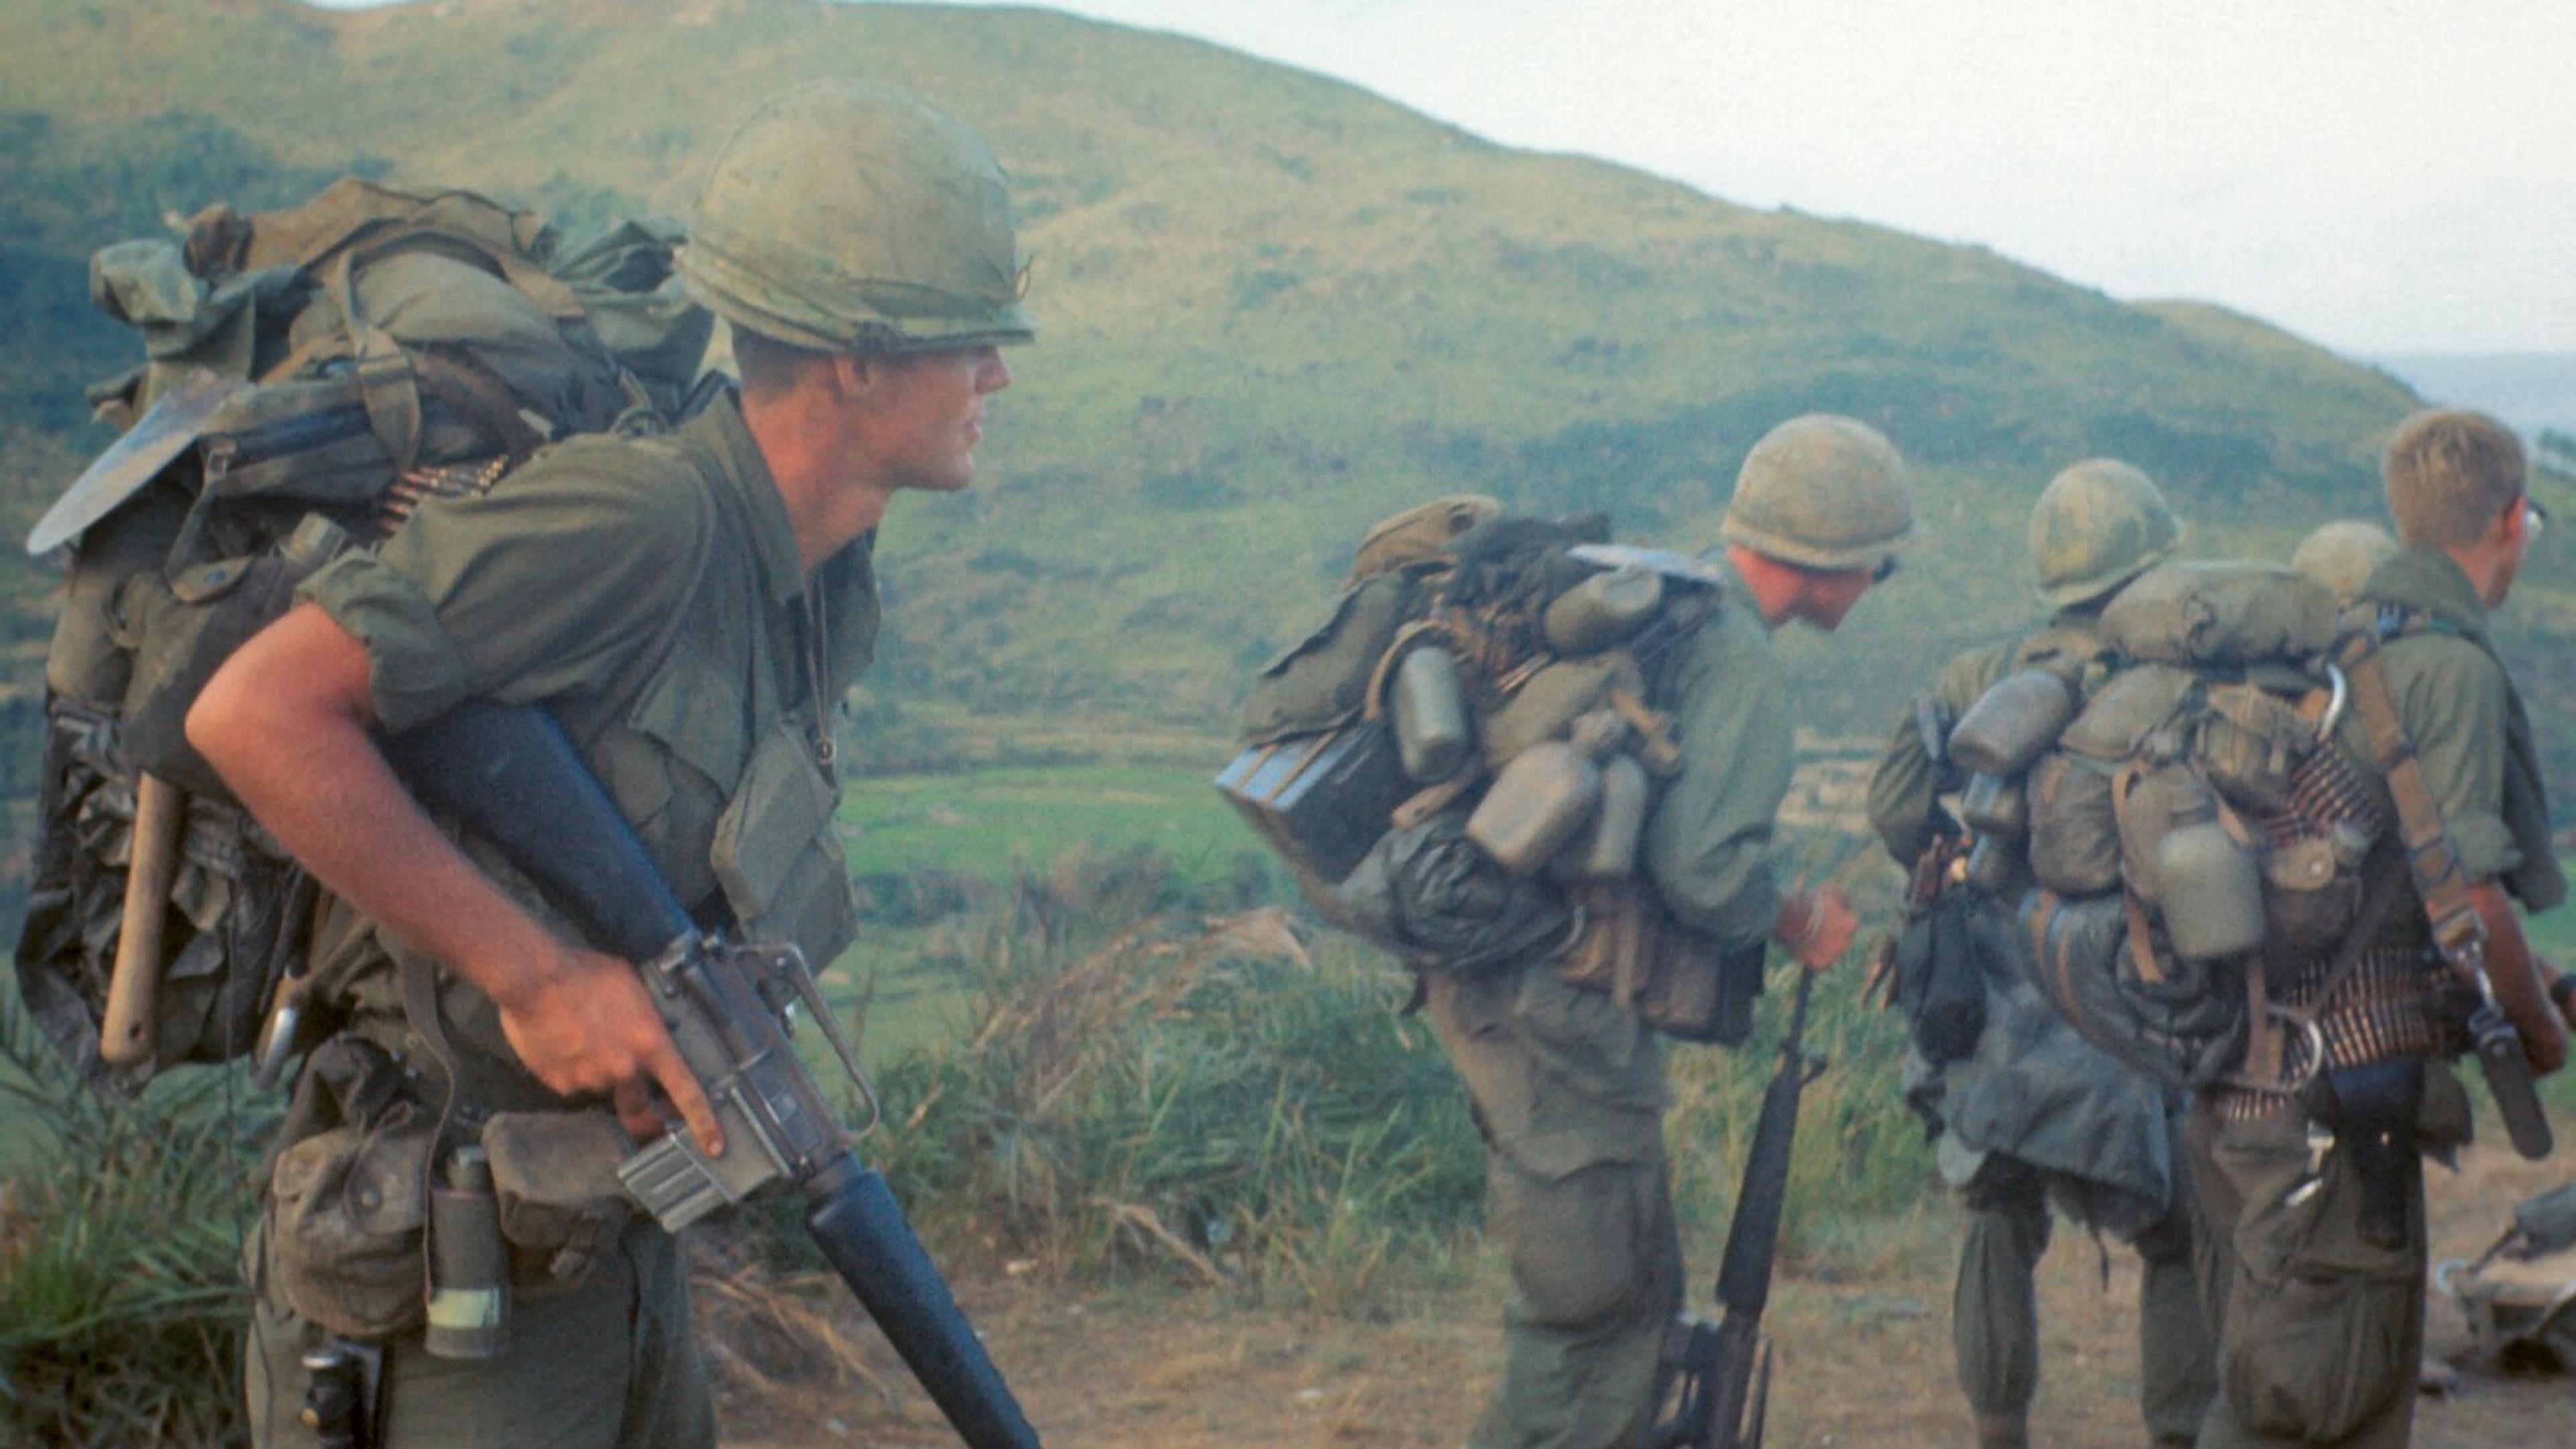 3840x2160 hd wallpaper vietnam war   vietnam war category 3840x2160